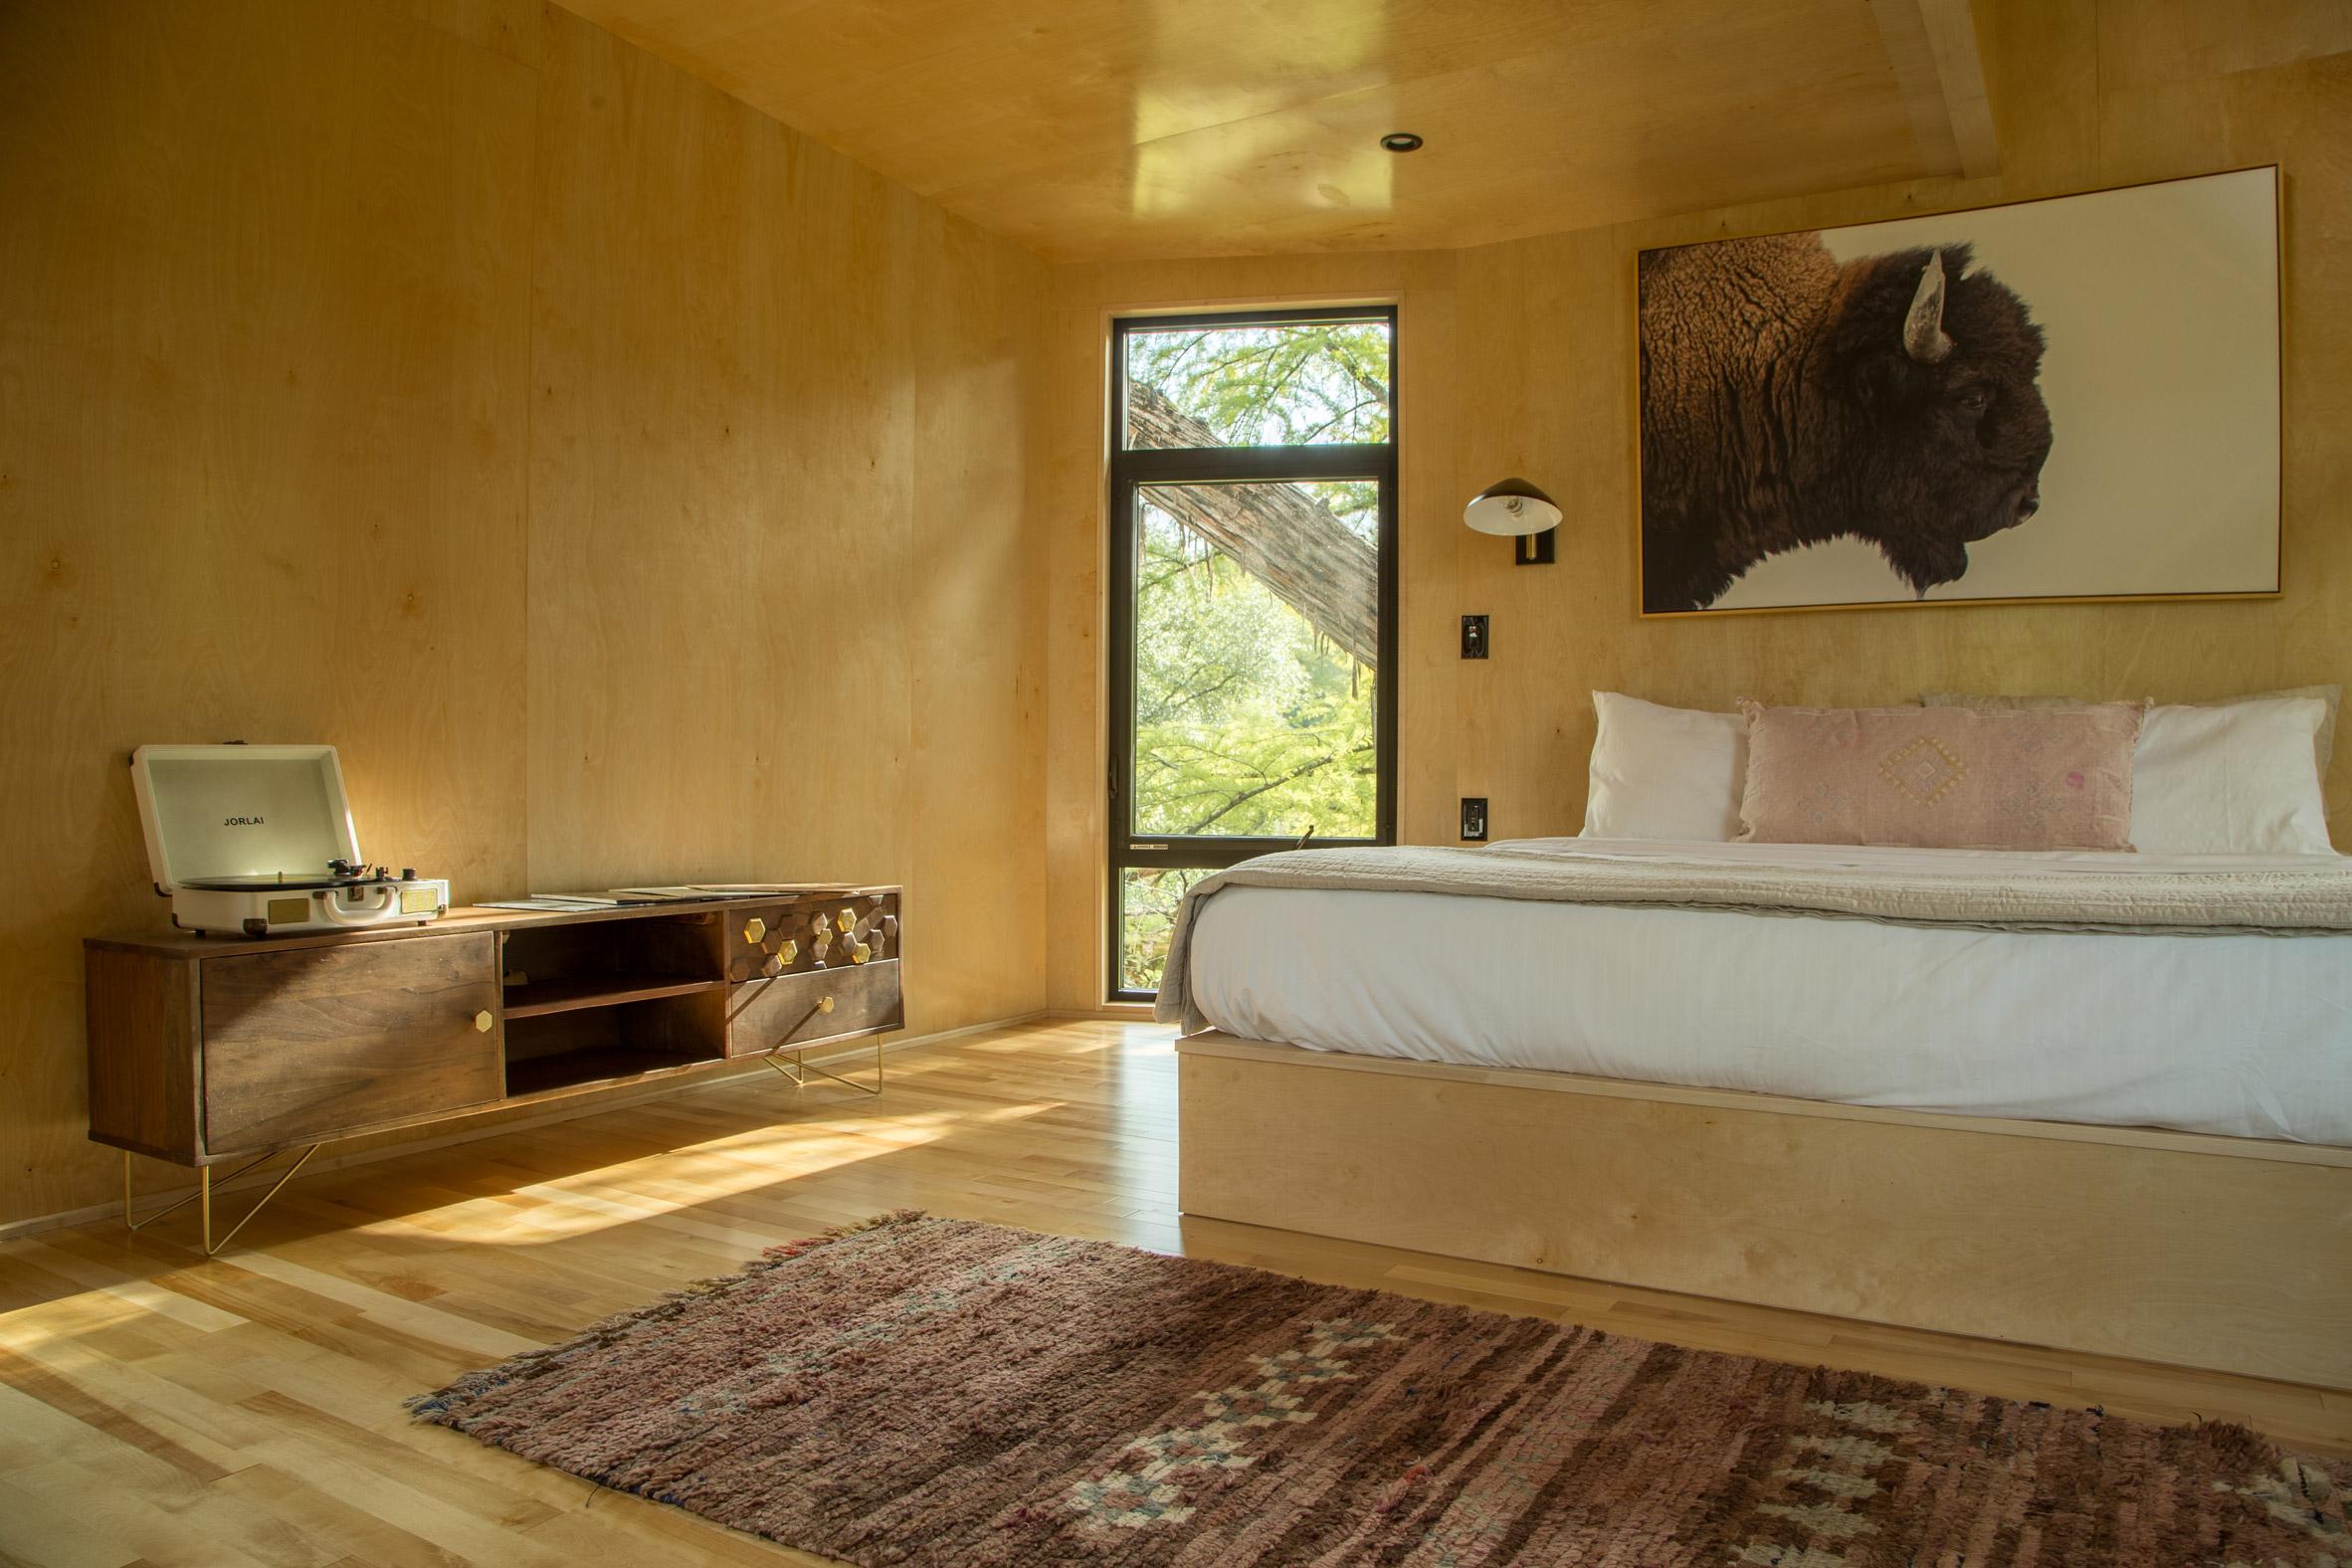 La stanza grande / Smiling Forest/ArtisTree